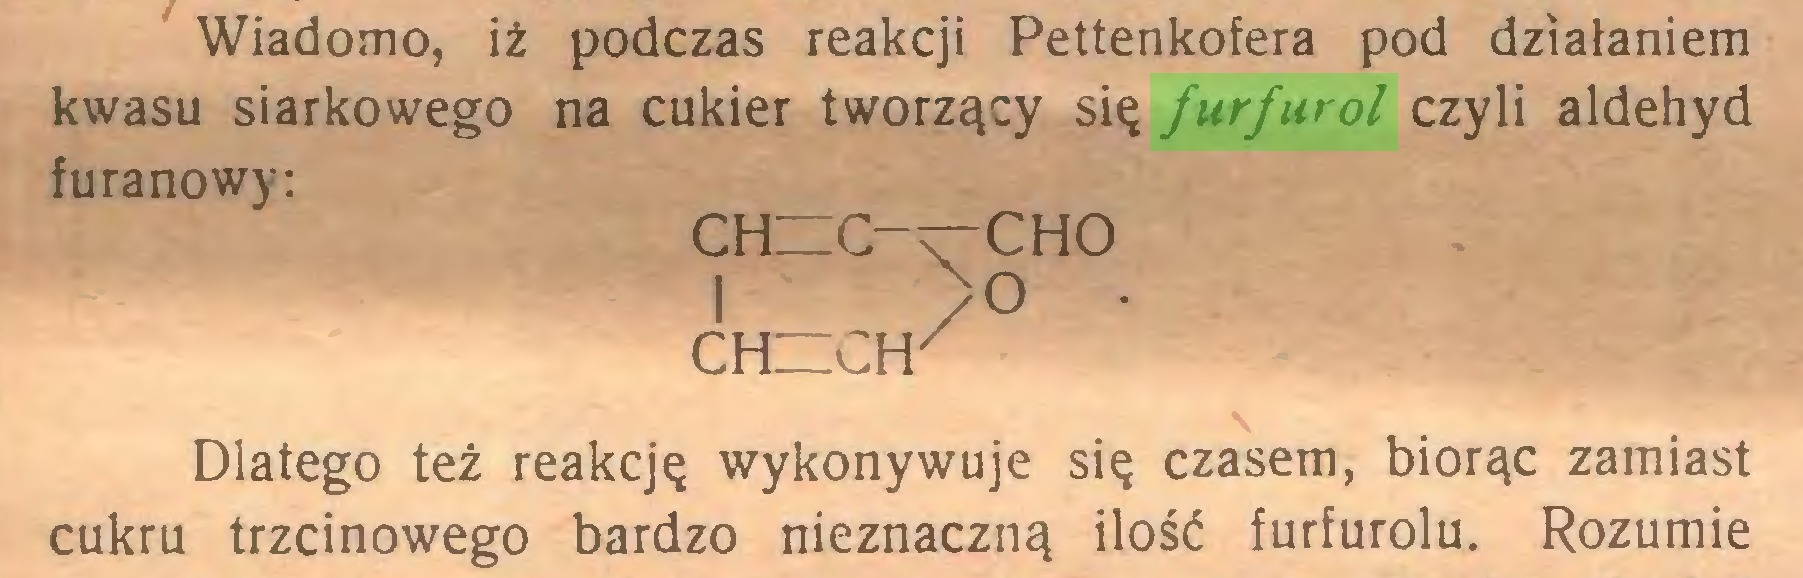 (...) Wiadomo, iż podczas reakcji Pettenkofera pod działaniem kwasu siarkowego na cukier tworzący się furfurol czyli aldehyd furanowy: chuc-t-cho i ; >o ■ CH~Cfr Dlatego też reakcję wykonywuje się czasem, biorąc zamiast cukru trzcinowego bardzo nieznaczną ilość furfurolu. Rozumie...